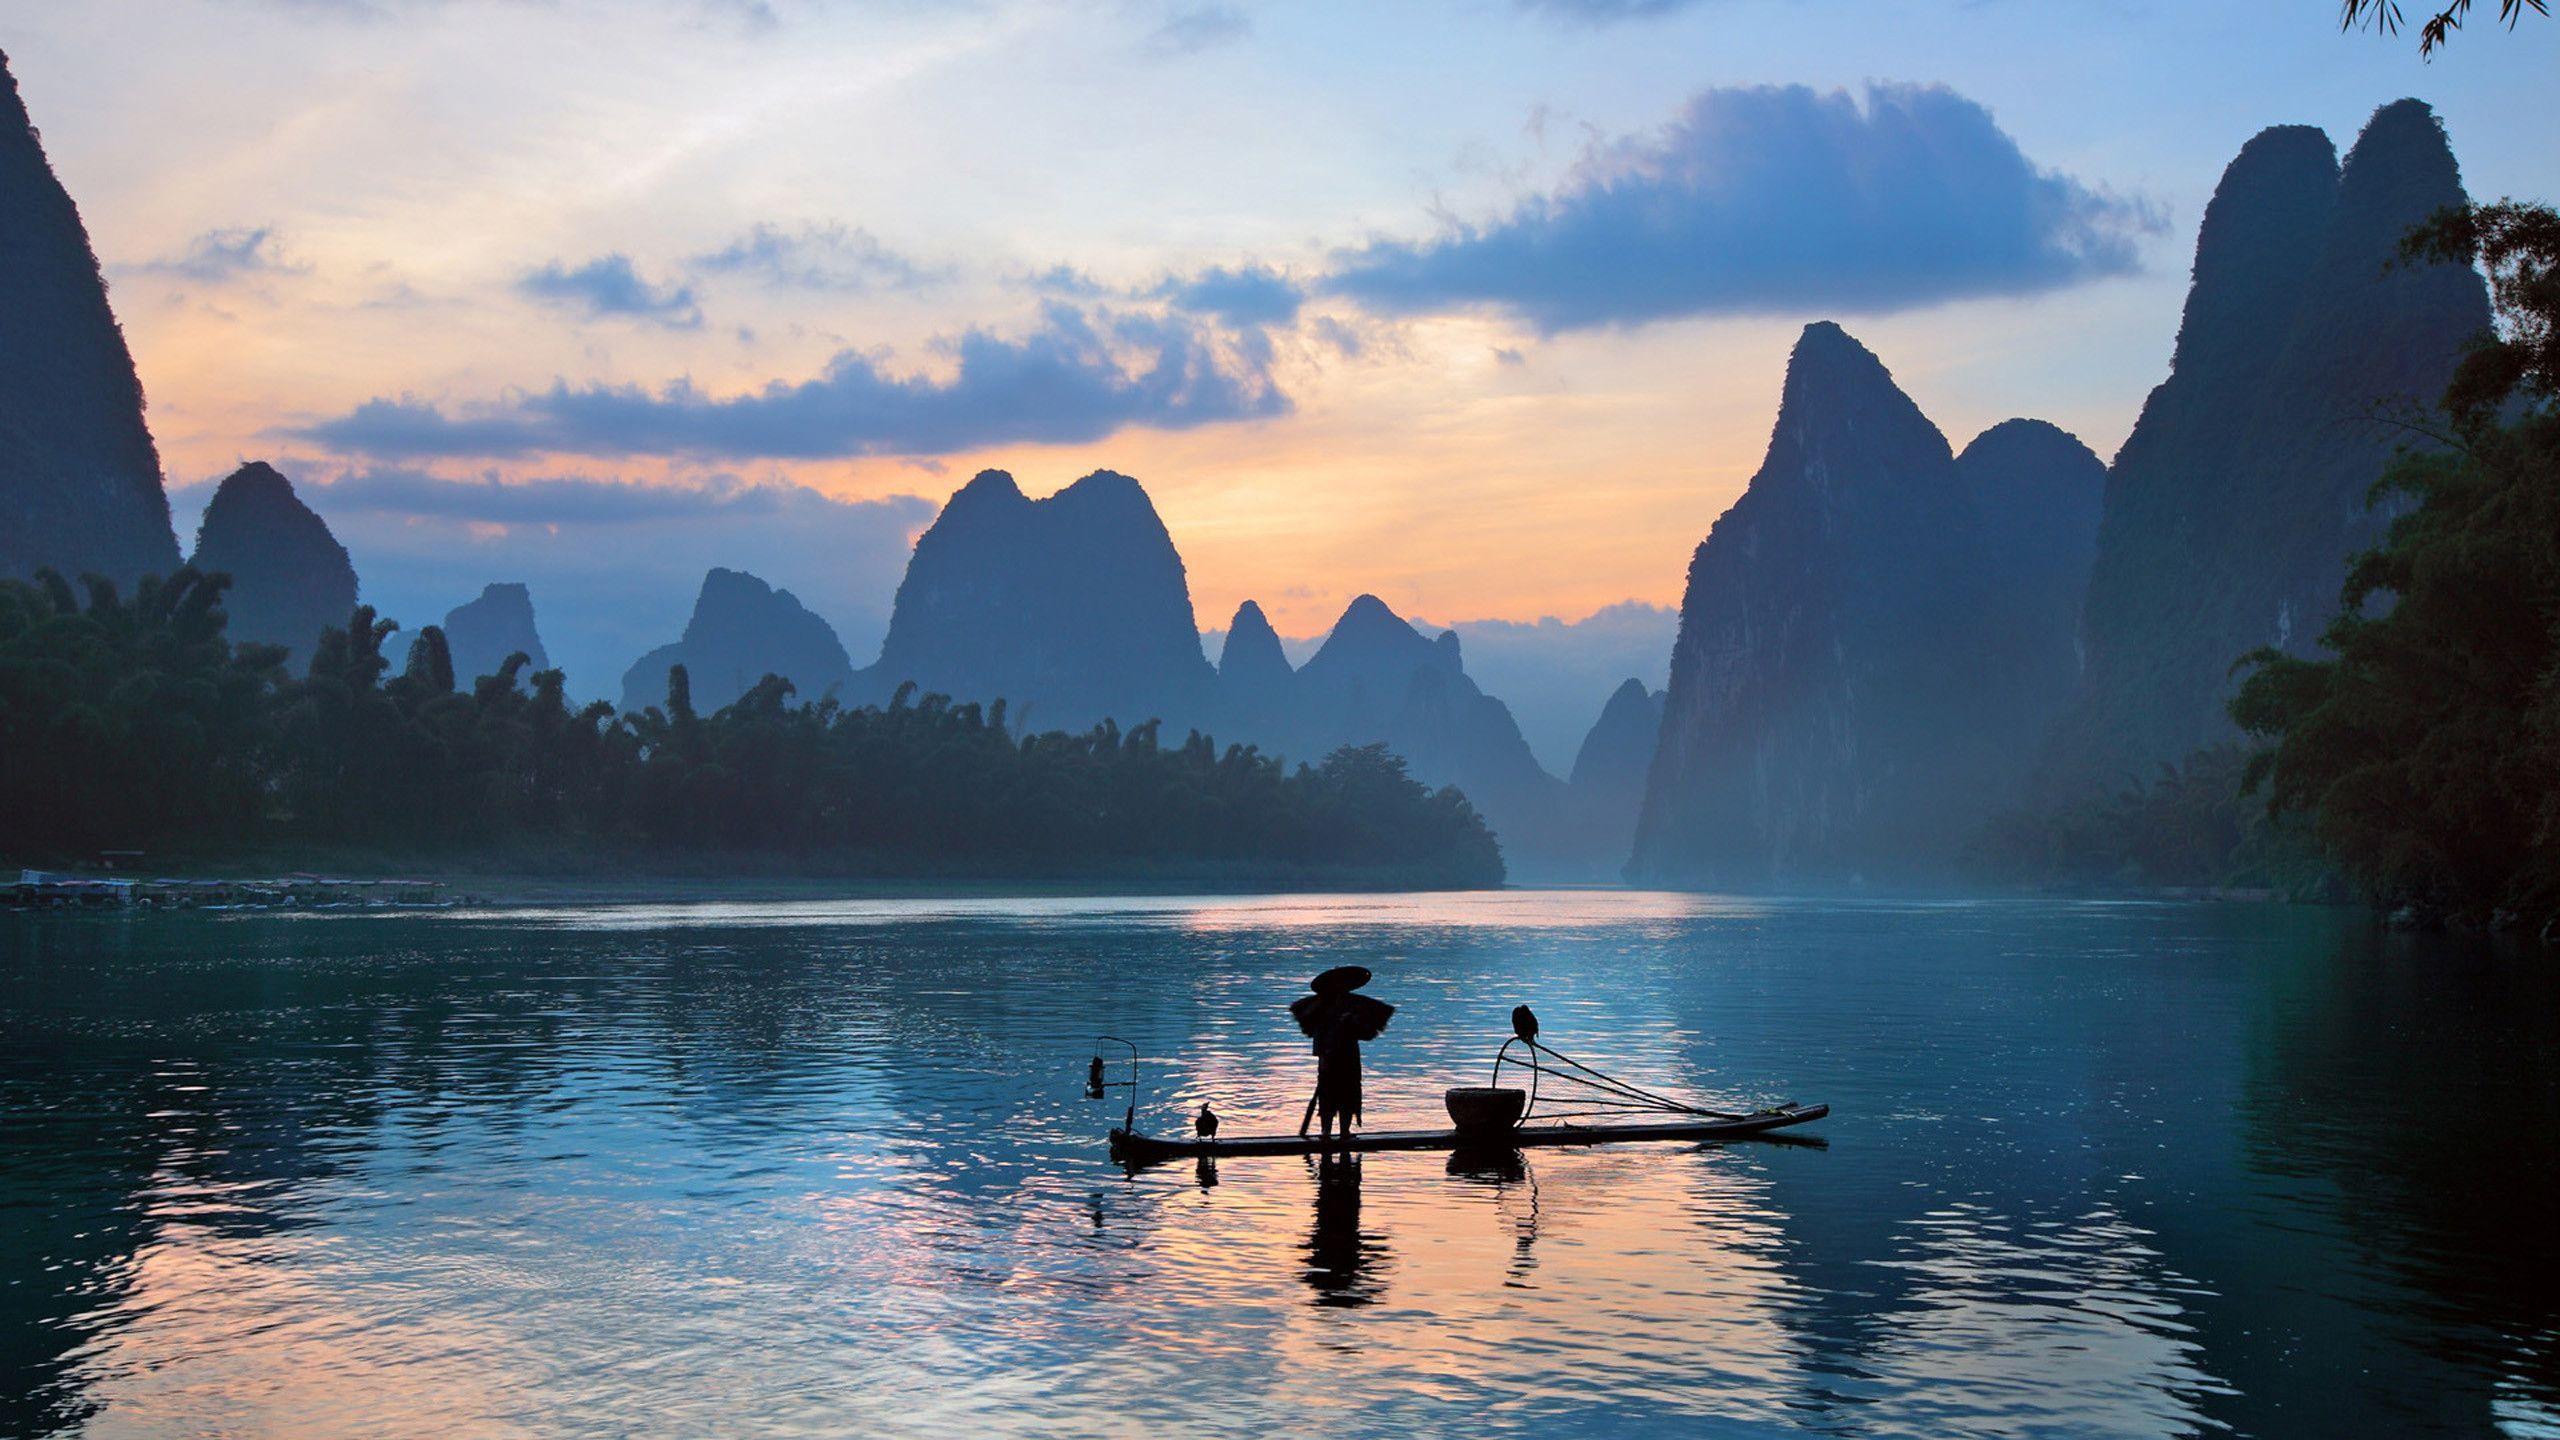 Chinese Landscape Wallpaper 71 Images Peintures Asiatiques Paysage Les Continents